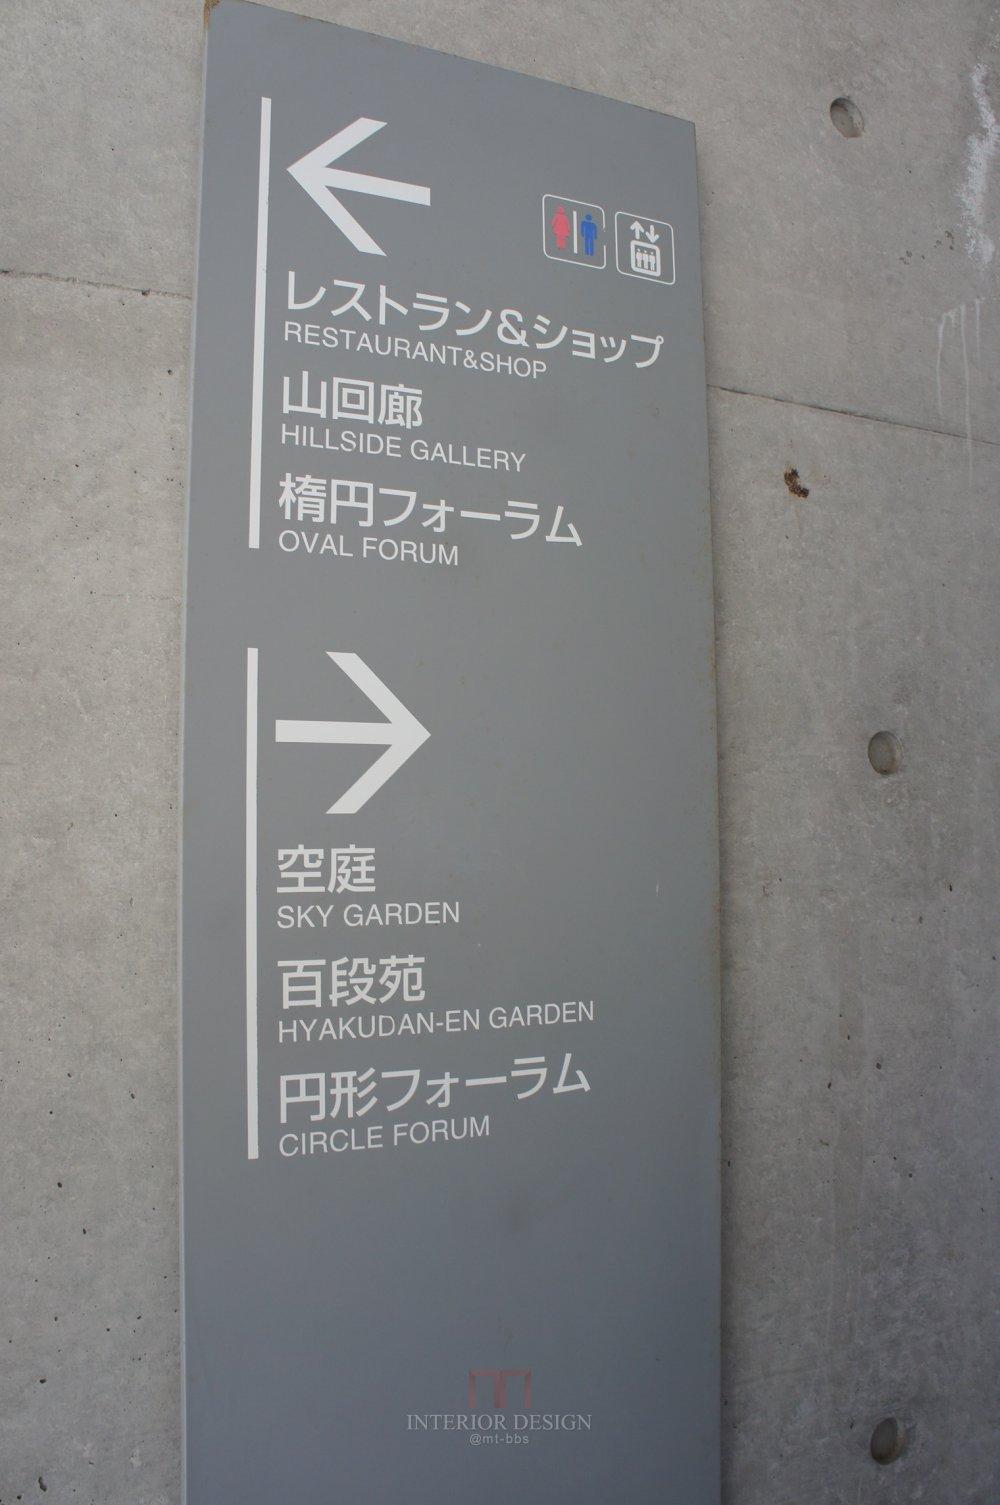 #伙伴一起看日本#  日本设计考察分享(更新美秀美术馆)_DSC05799.JPG